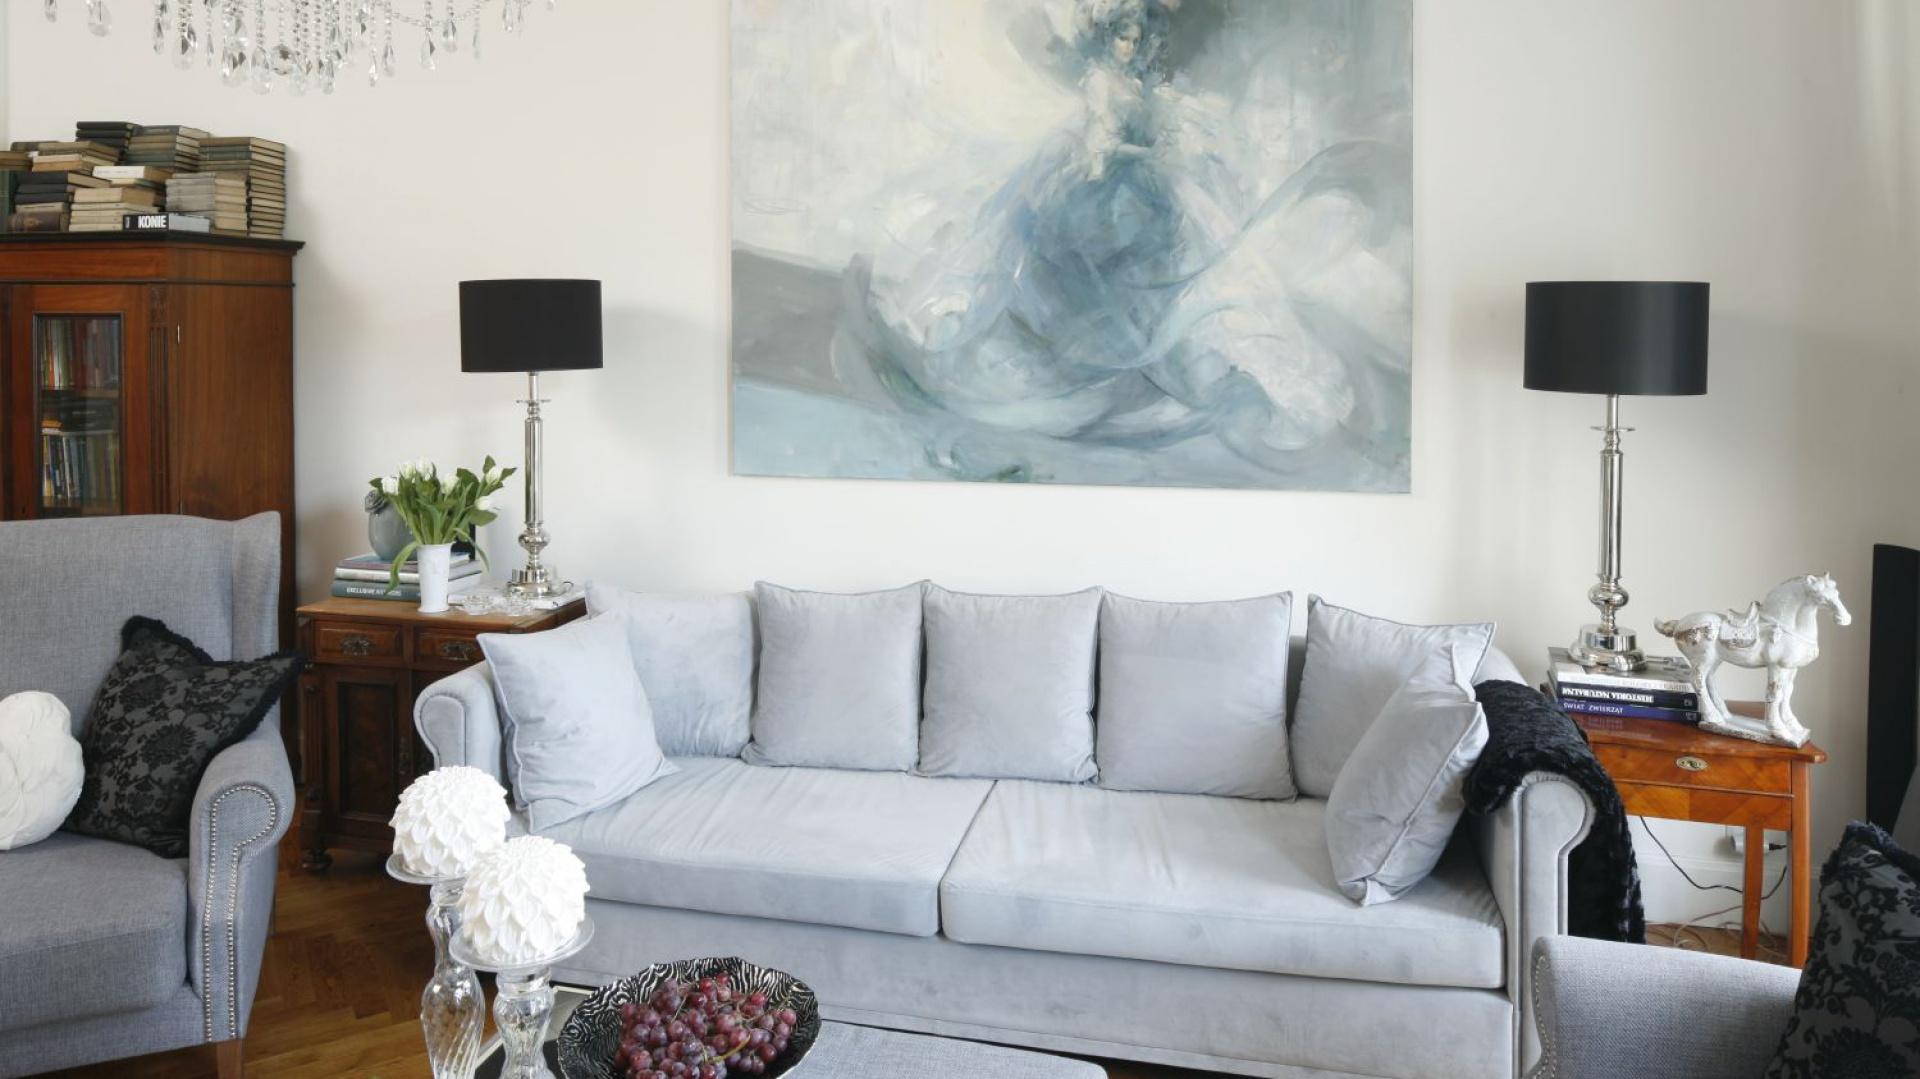 Stary drewniany regał oraz stylizowane komódki po obu stronach kanapy wpisują się w klasyczną aranżację salonu i idealnie współgrają z eleganckimi lampami na stylizowanych nogach.  Projekt: Iwona Kurkowska. Fot. Bartosz Jarosz